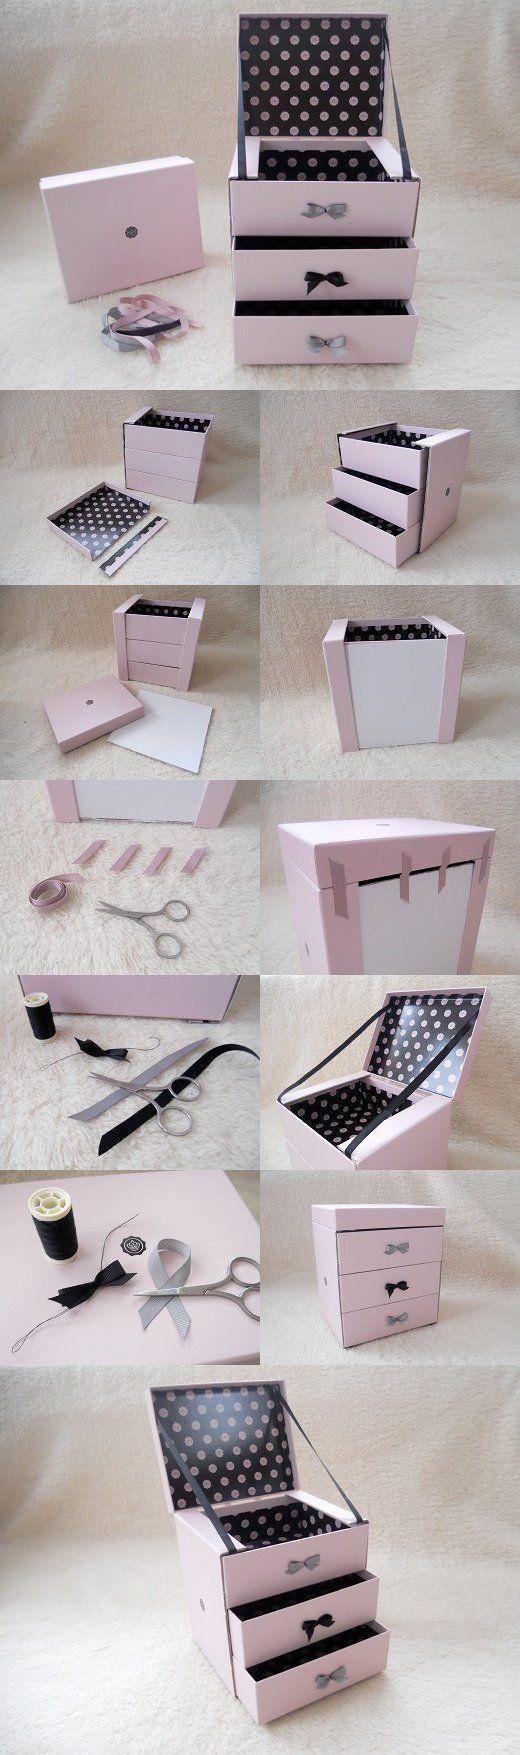 Ideias De Artesanato Com Caixas De Sapato Caixa Artesanato